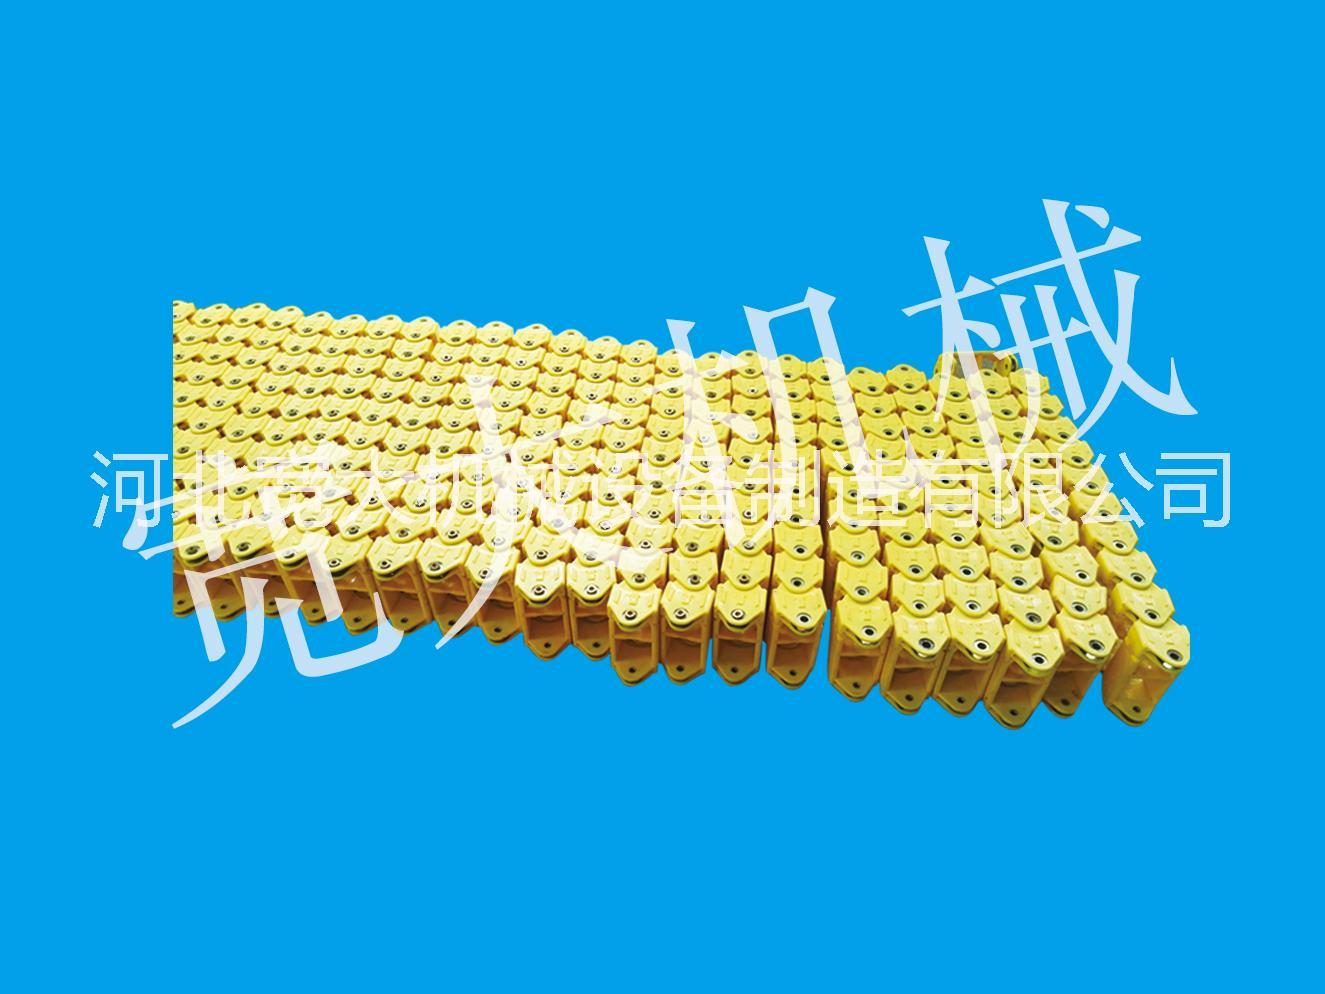 电缆夹     电缆夹板        电缆夹供应商         电缆夹厂家